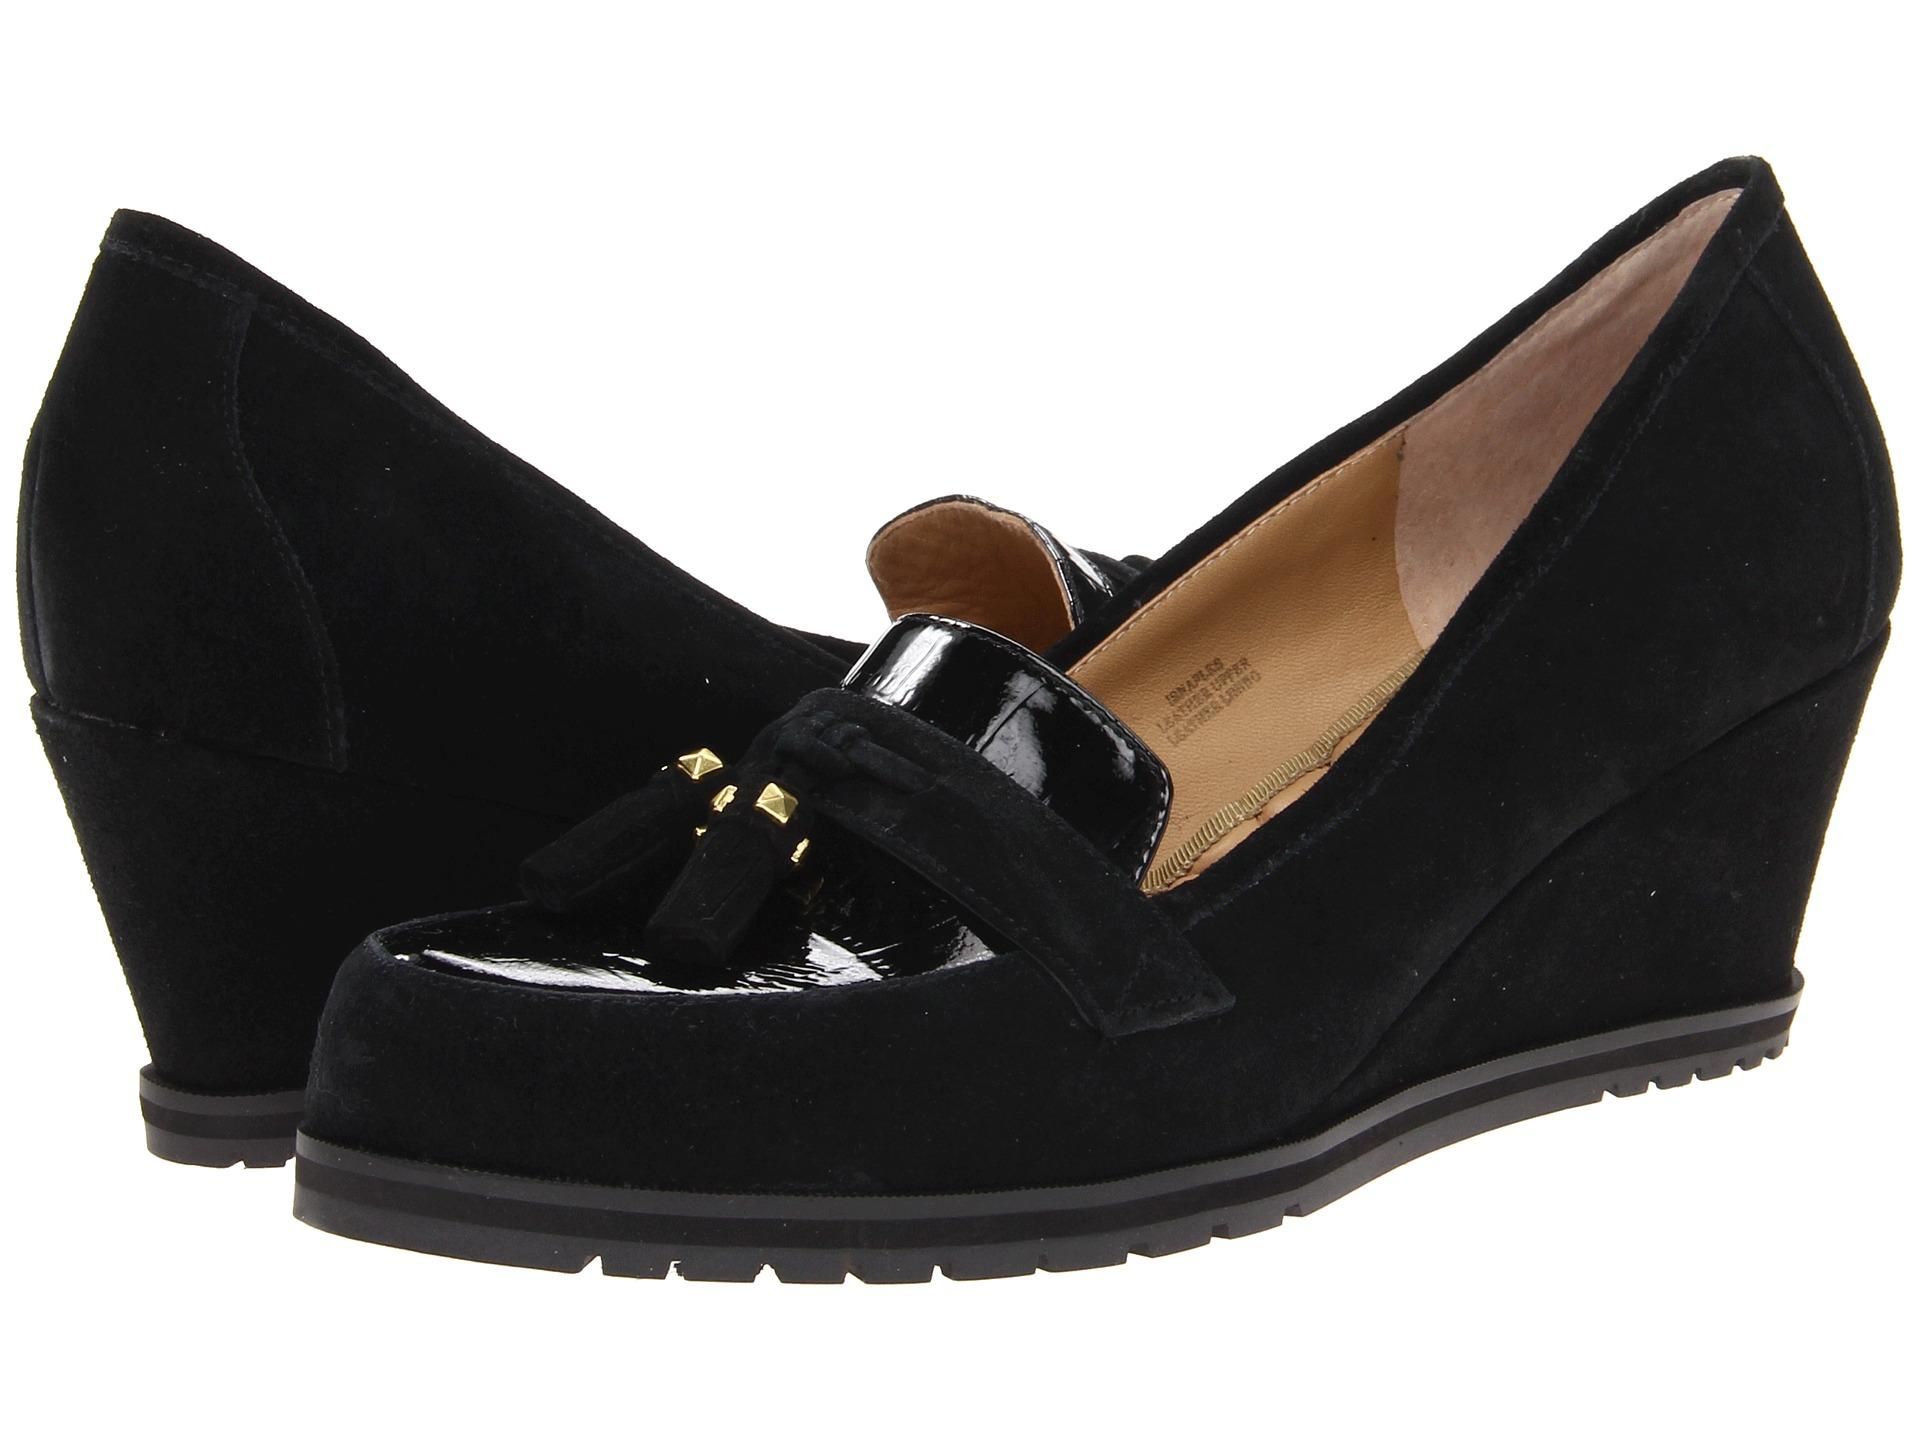 Isaac Mizrahi Shoes